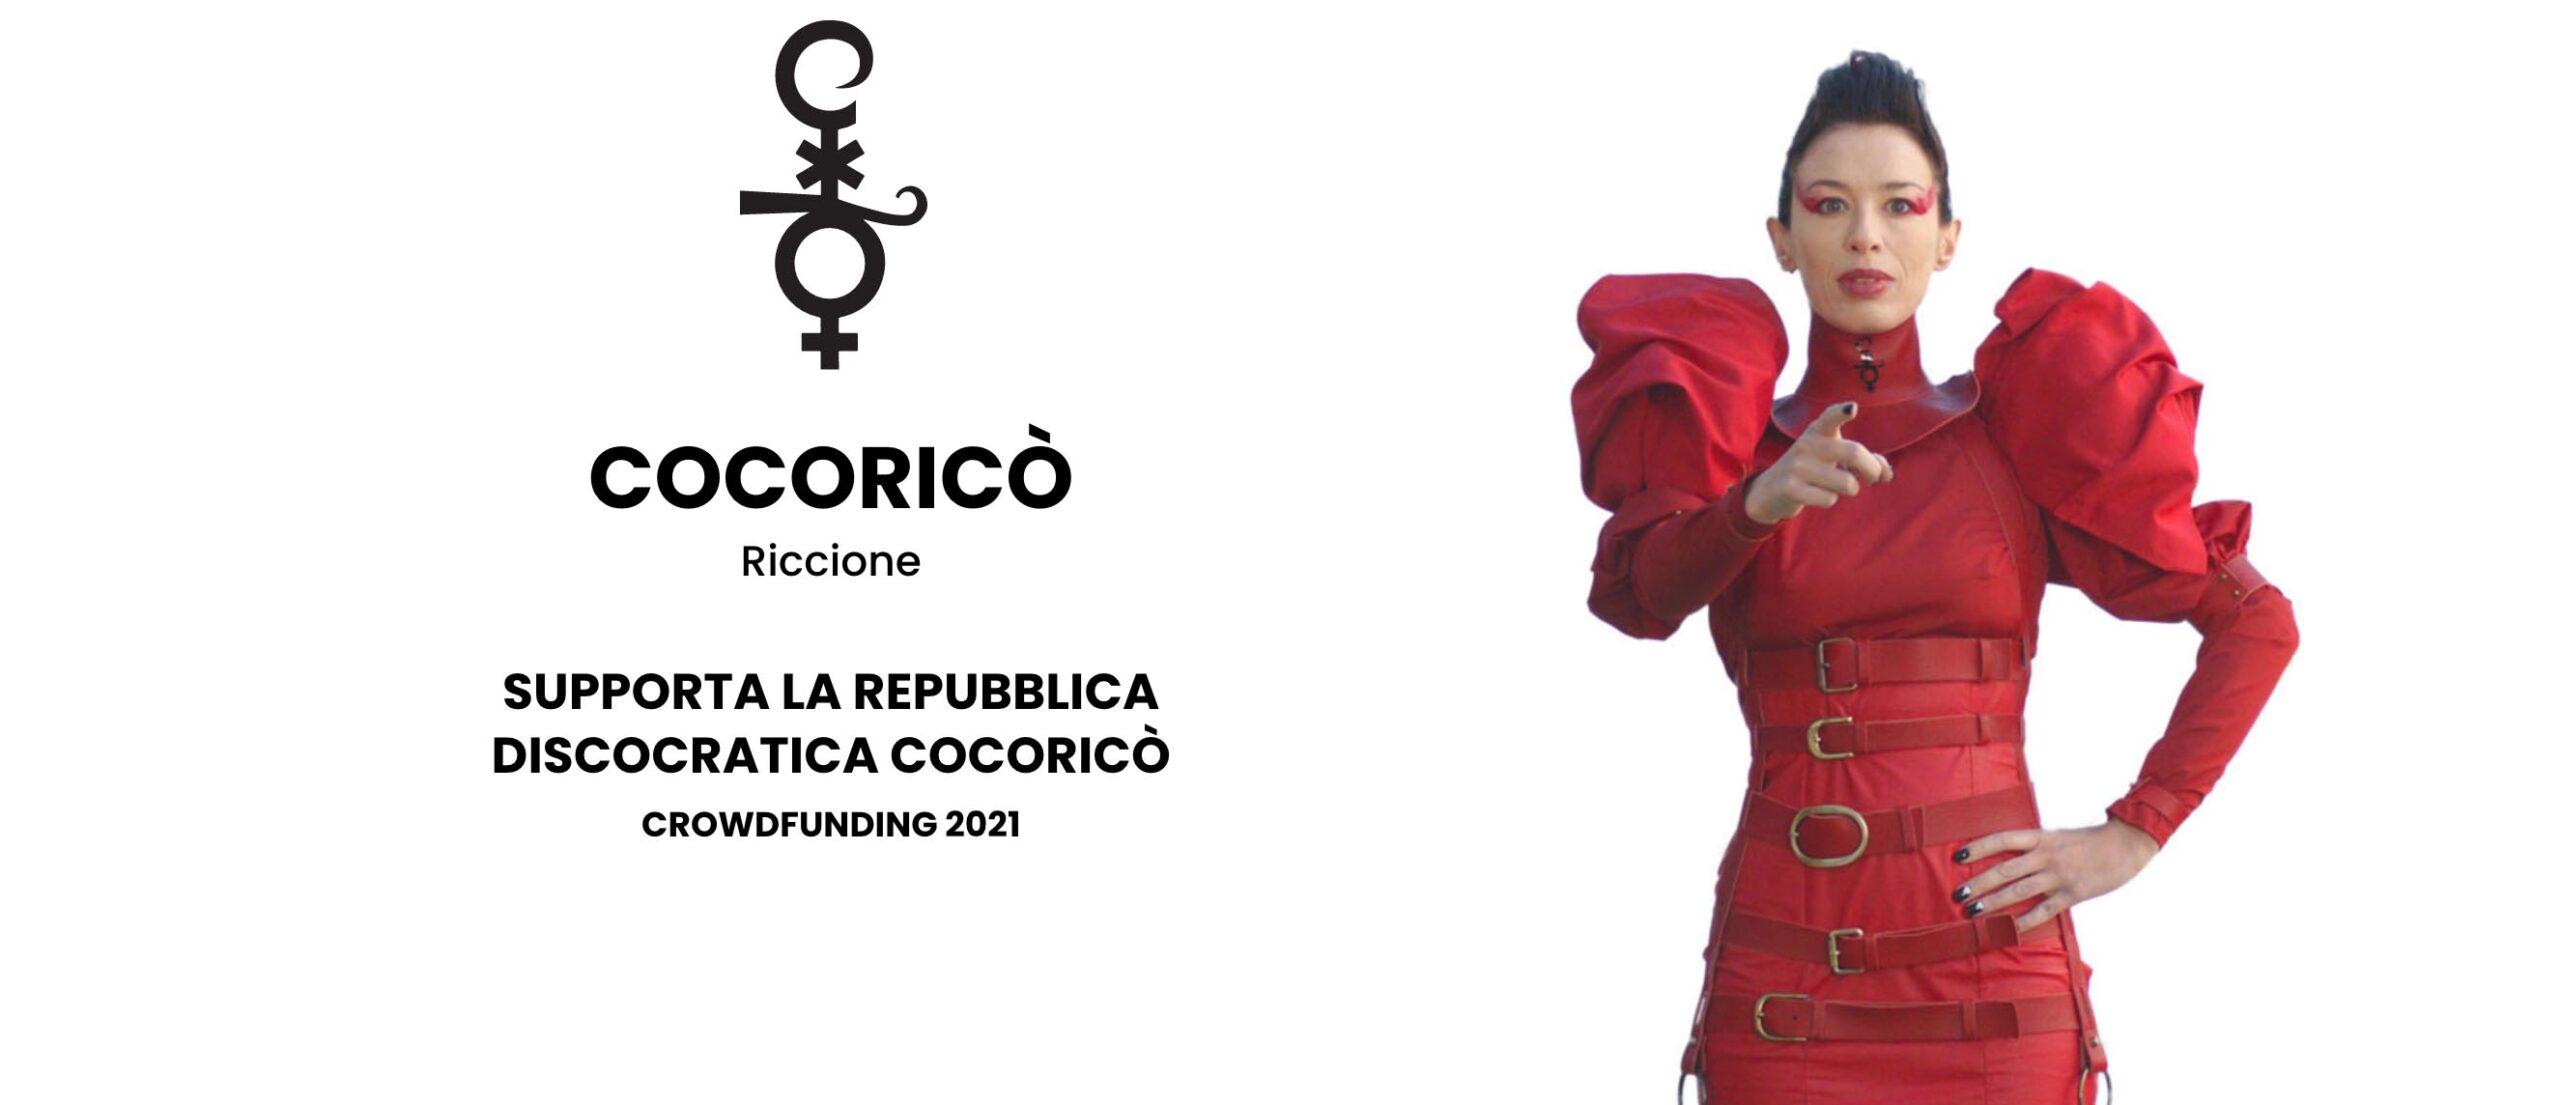 cocorico riccione crowdfunding repubblica discogratica